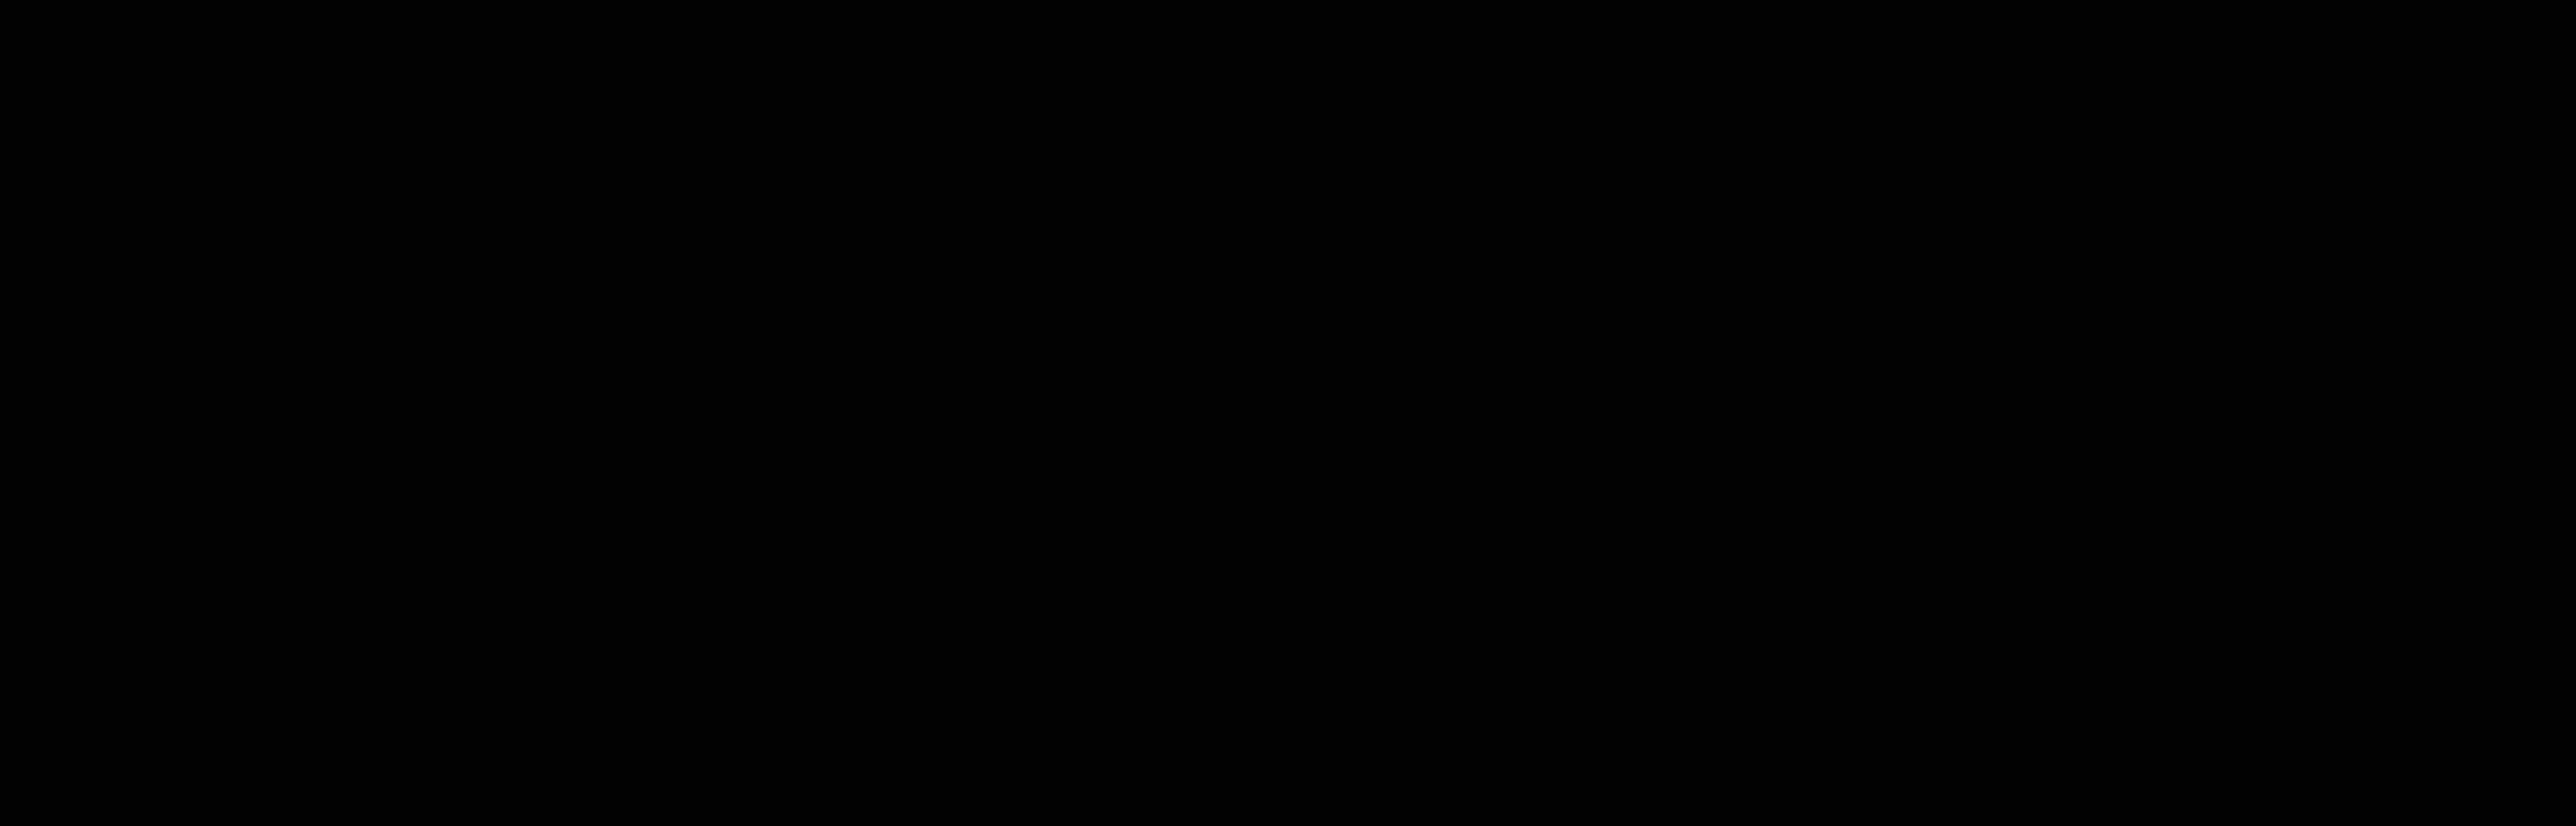 Charlene  Murphy's Signature